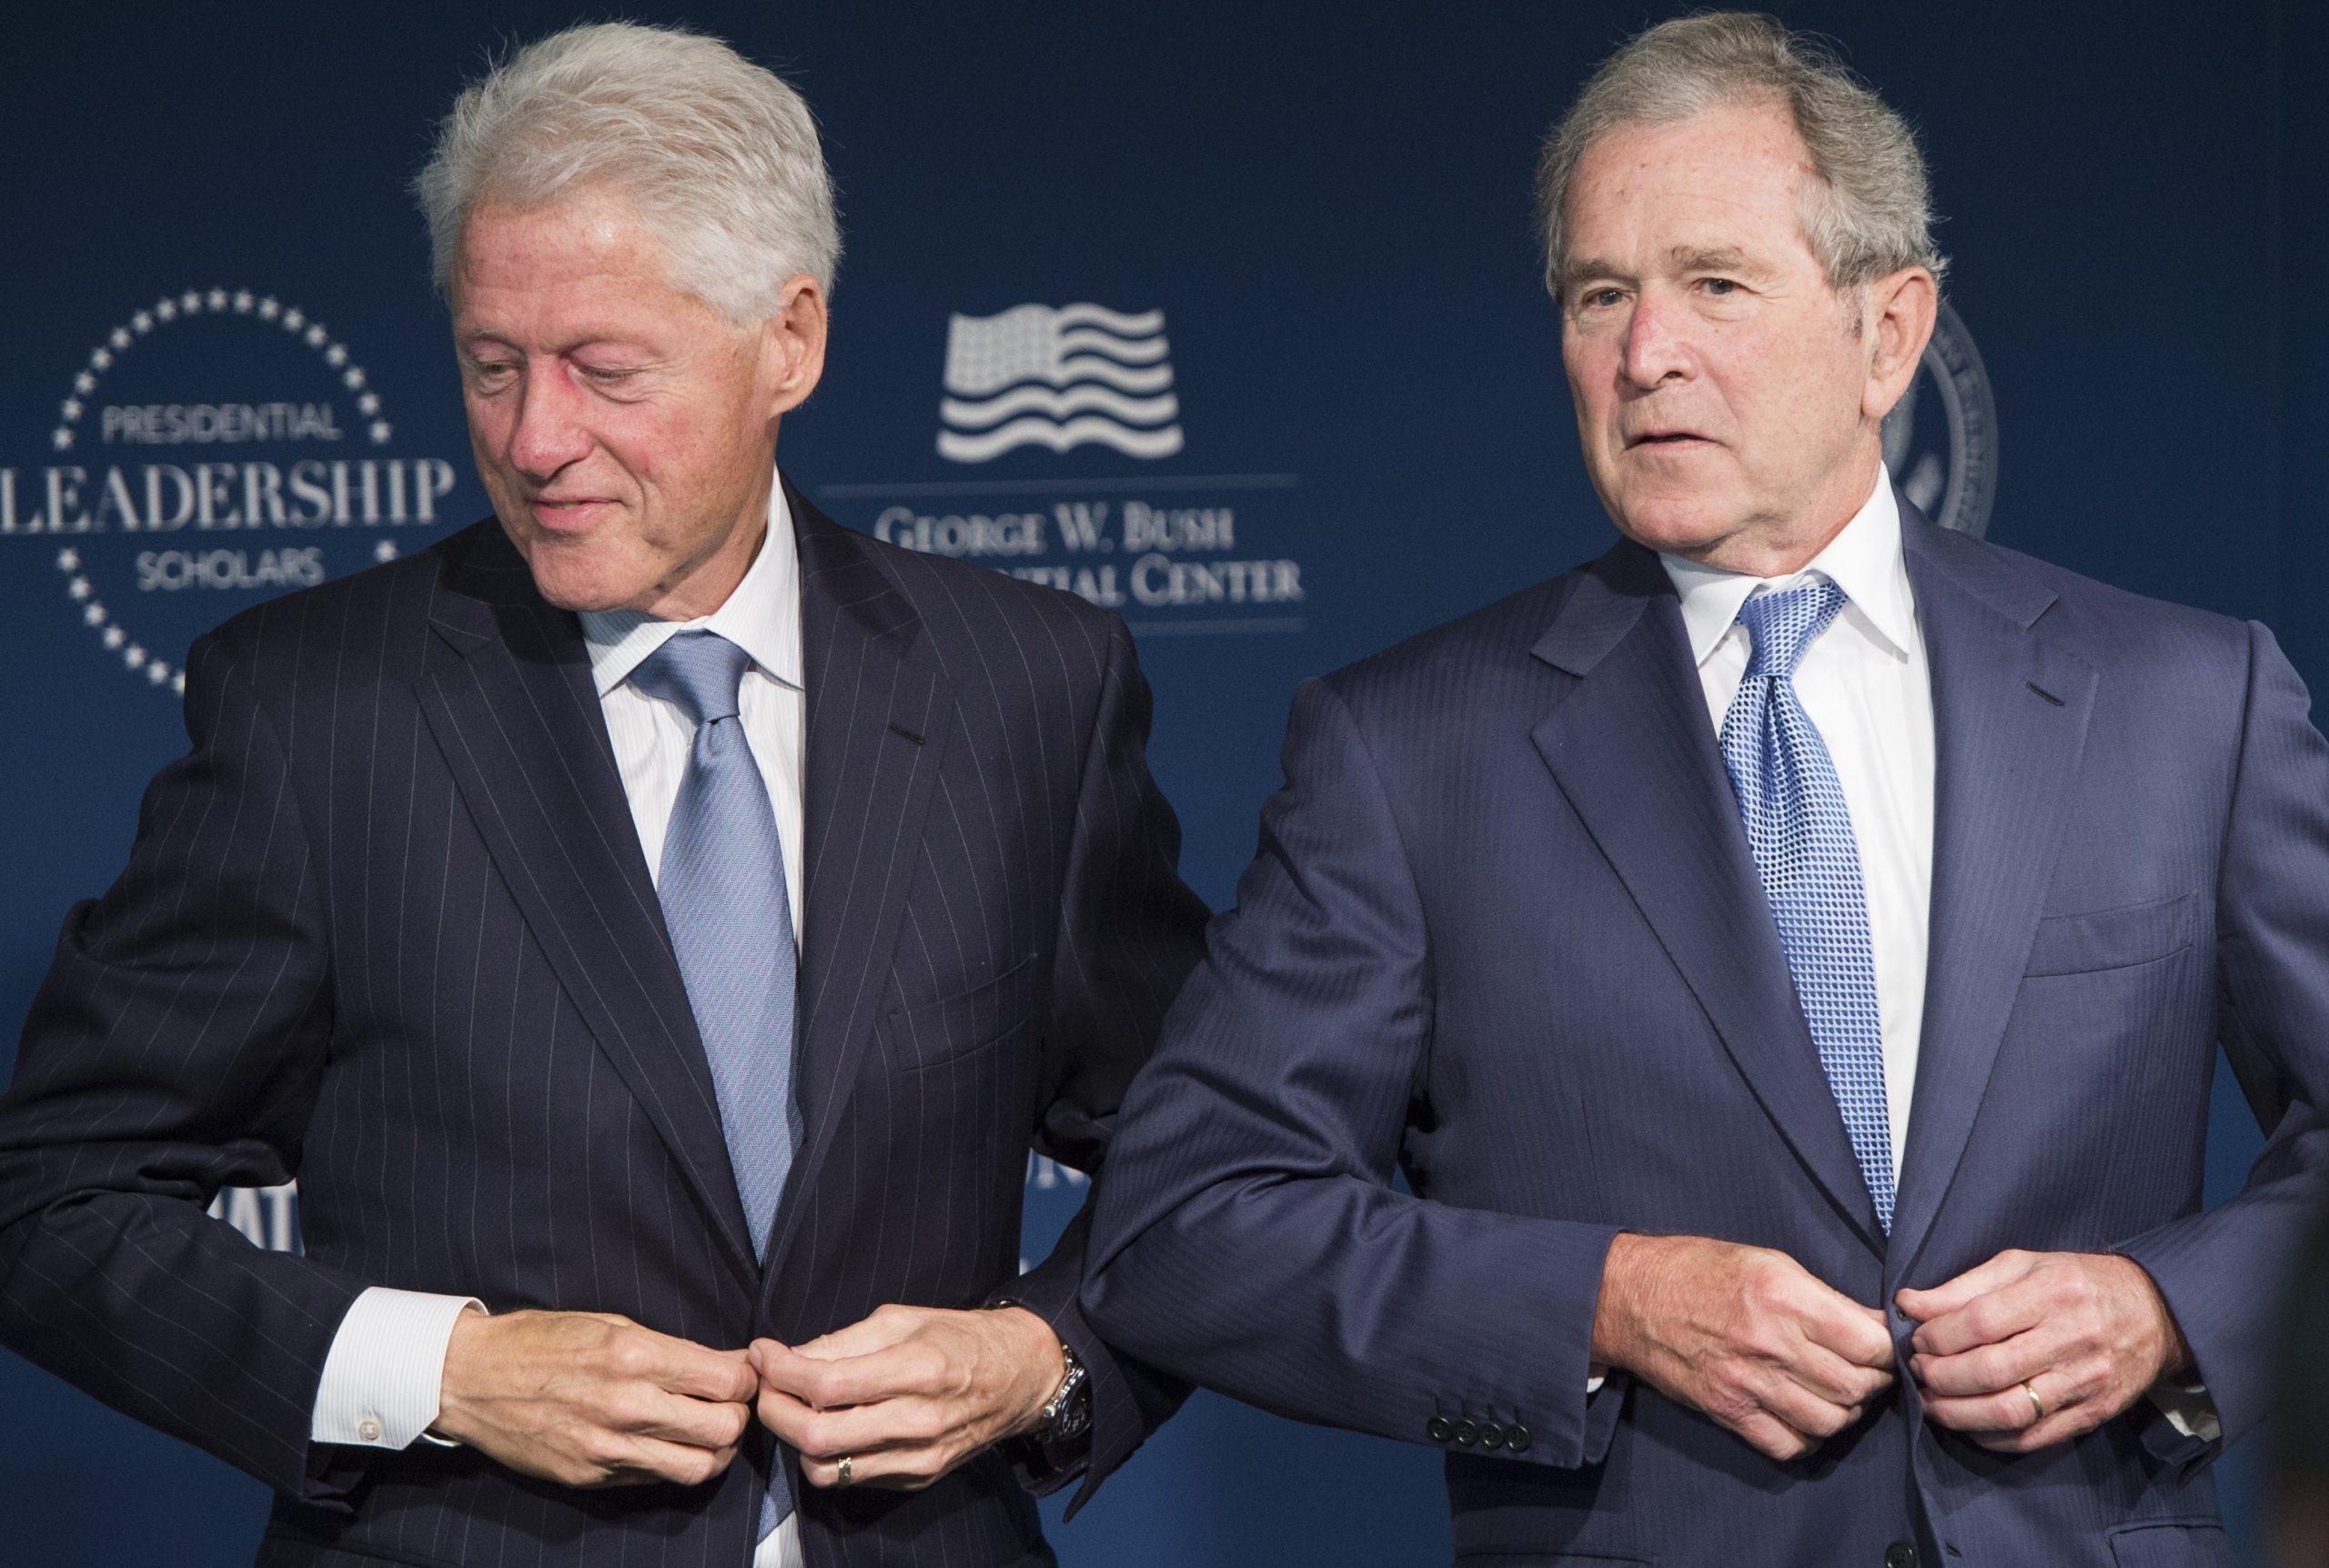 Bush dhe Clinton dënojnë dhunën: Kjo s'mund të ndodhte në vendin tonë